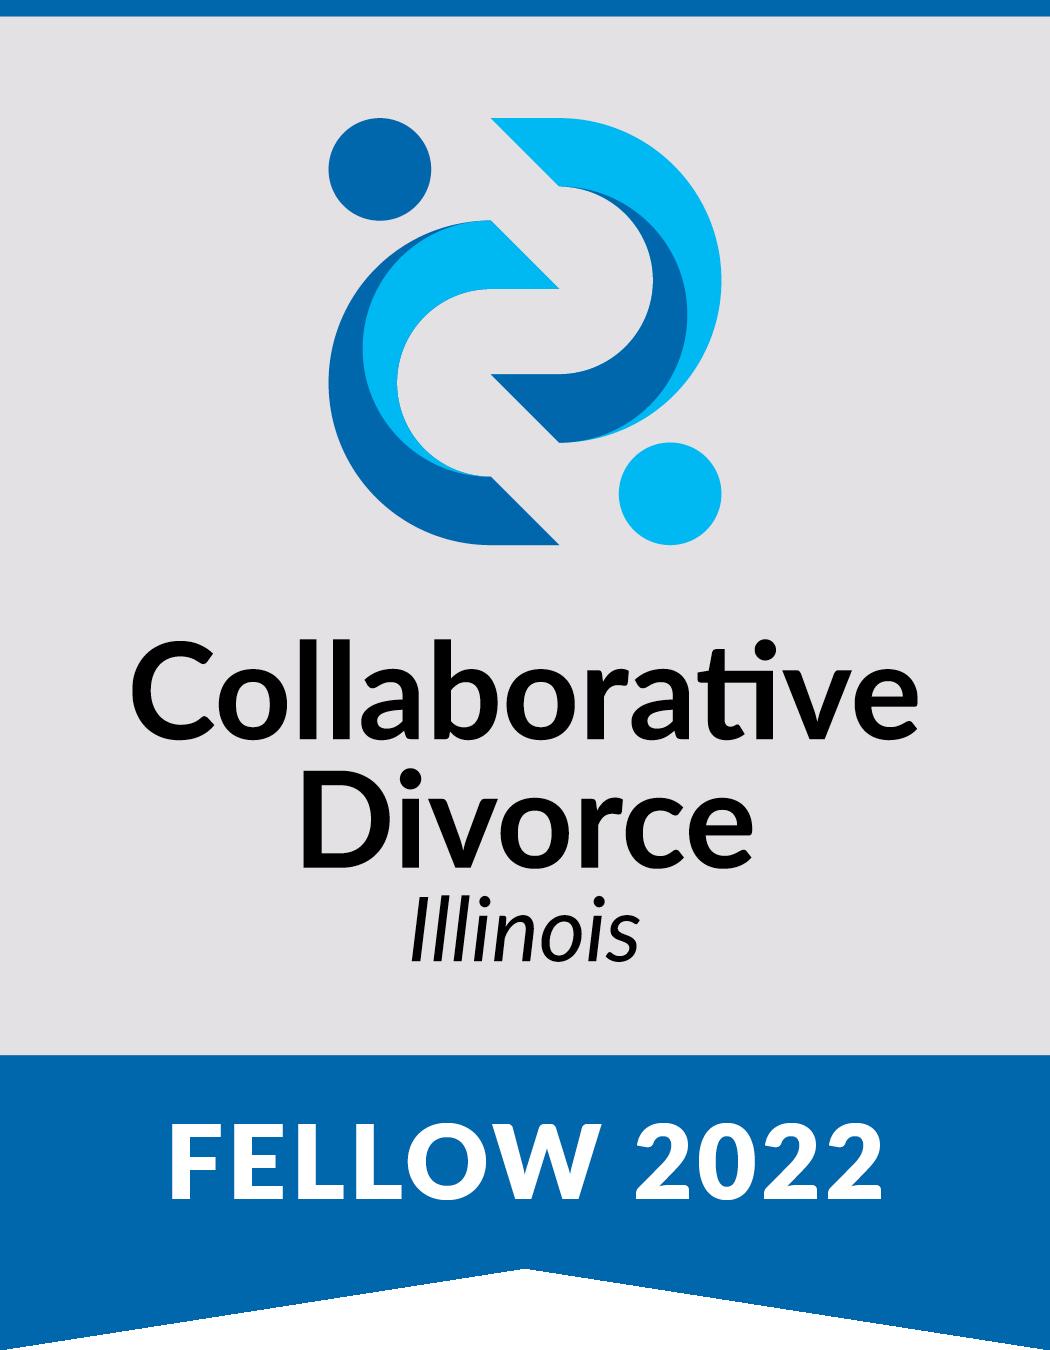 Collaborative Divorce Illinois